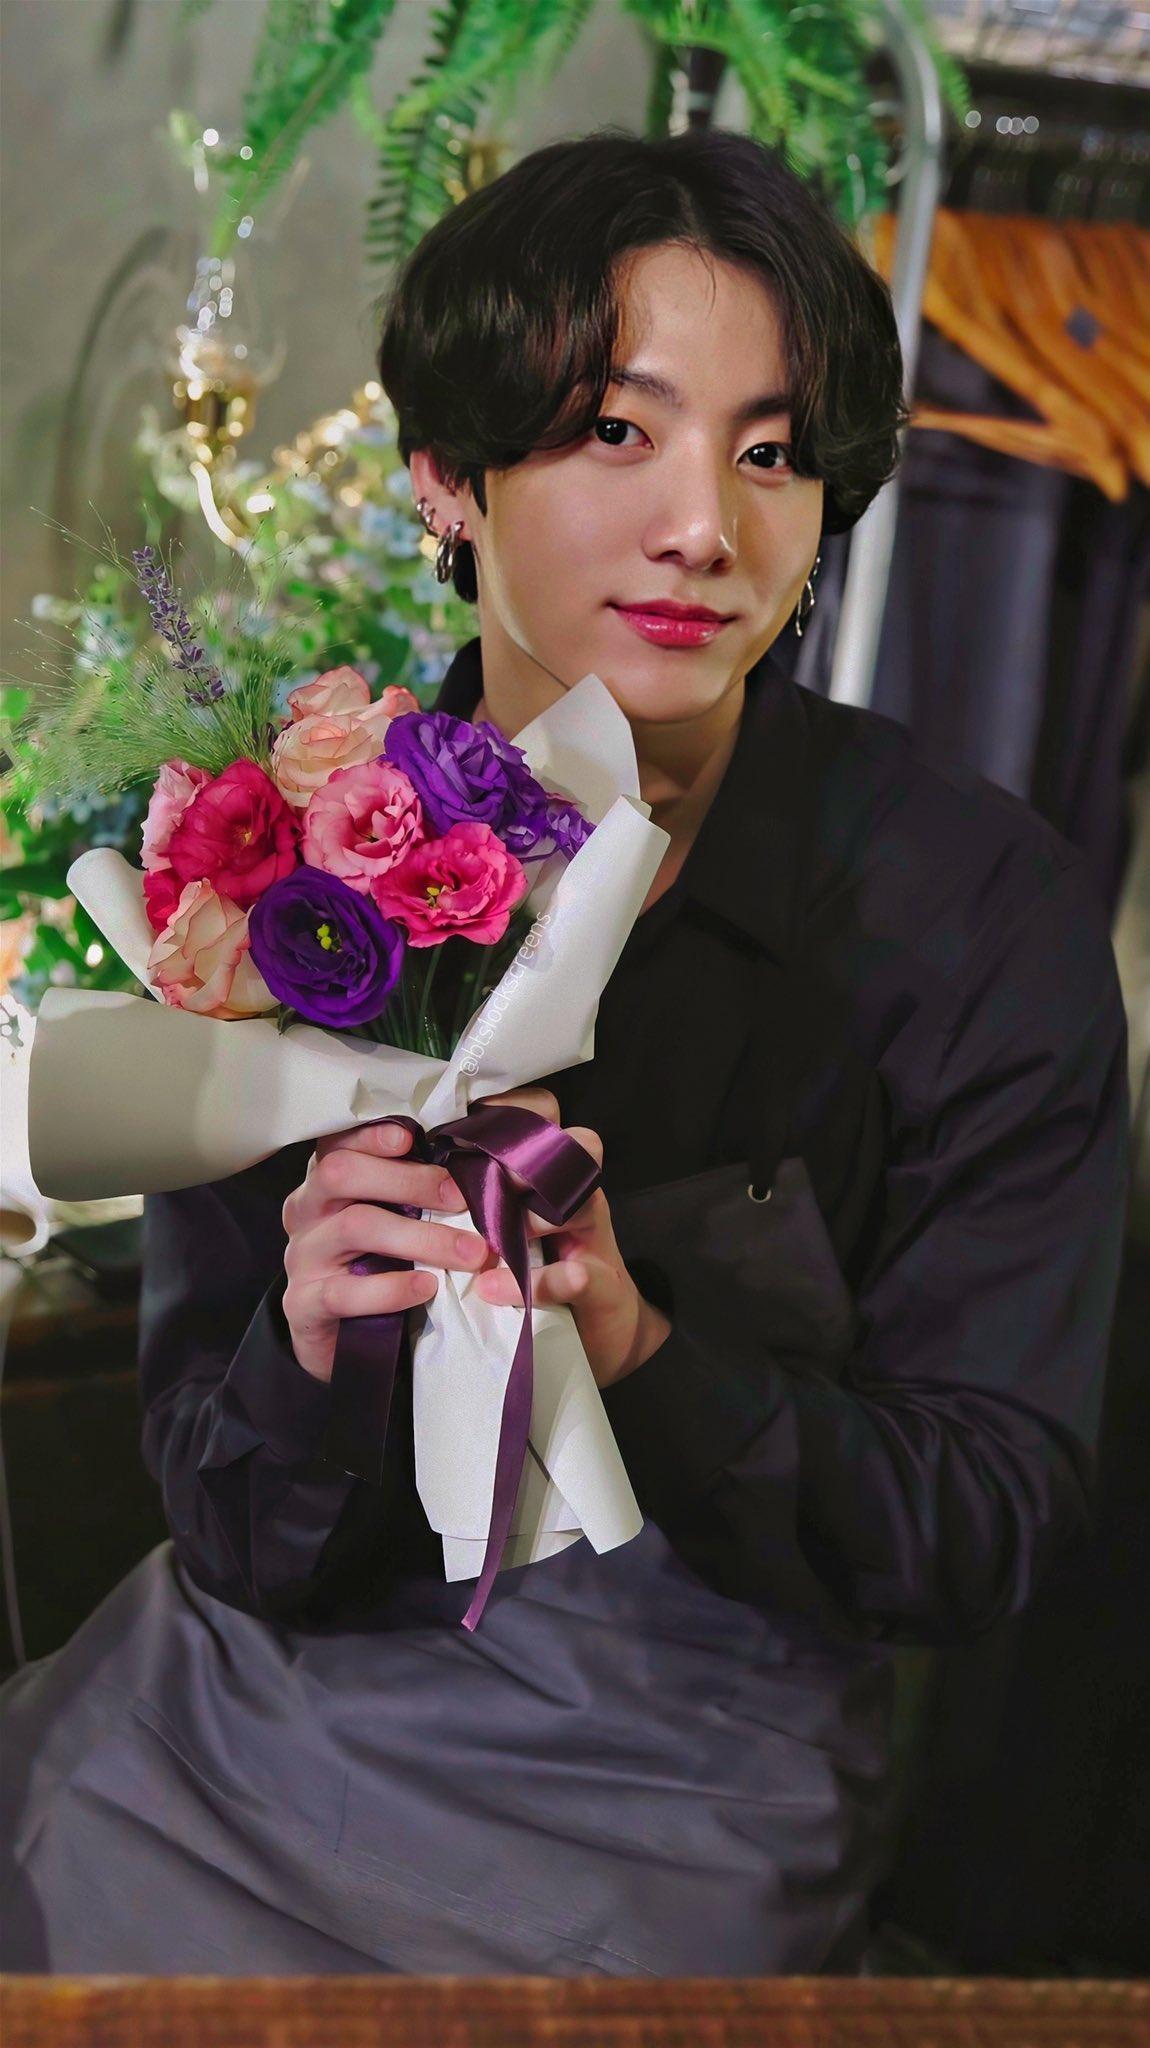 ดอกไม้ประจำวันเกิด BTS - จองกุก